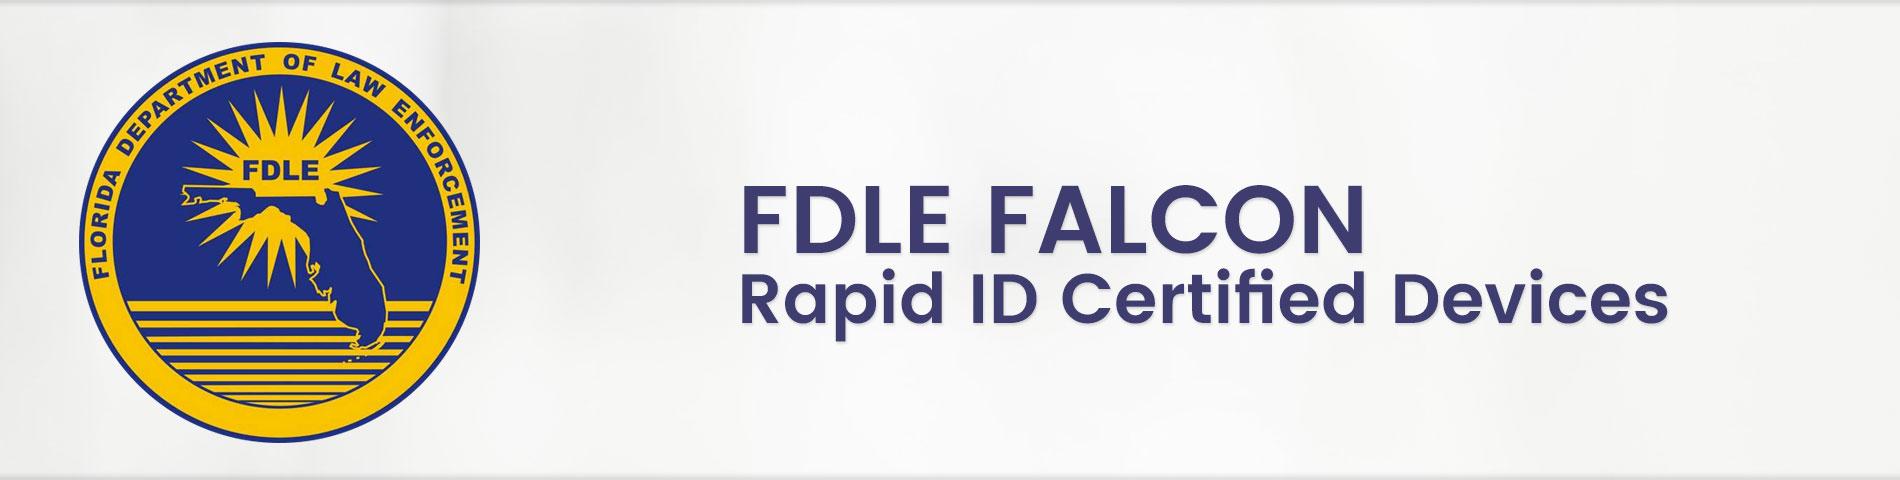 FDLE Falcon Certification